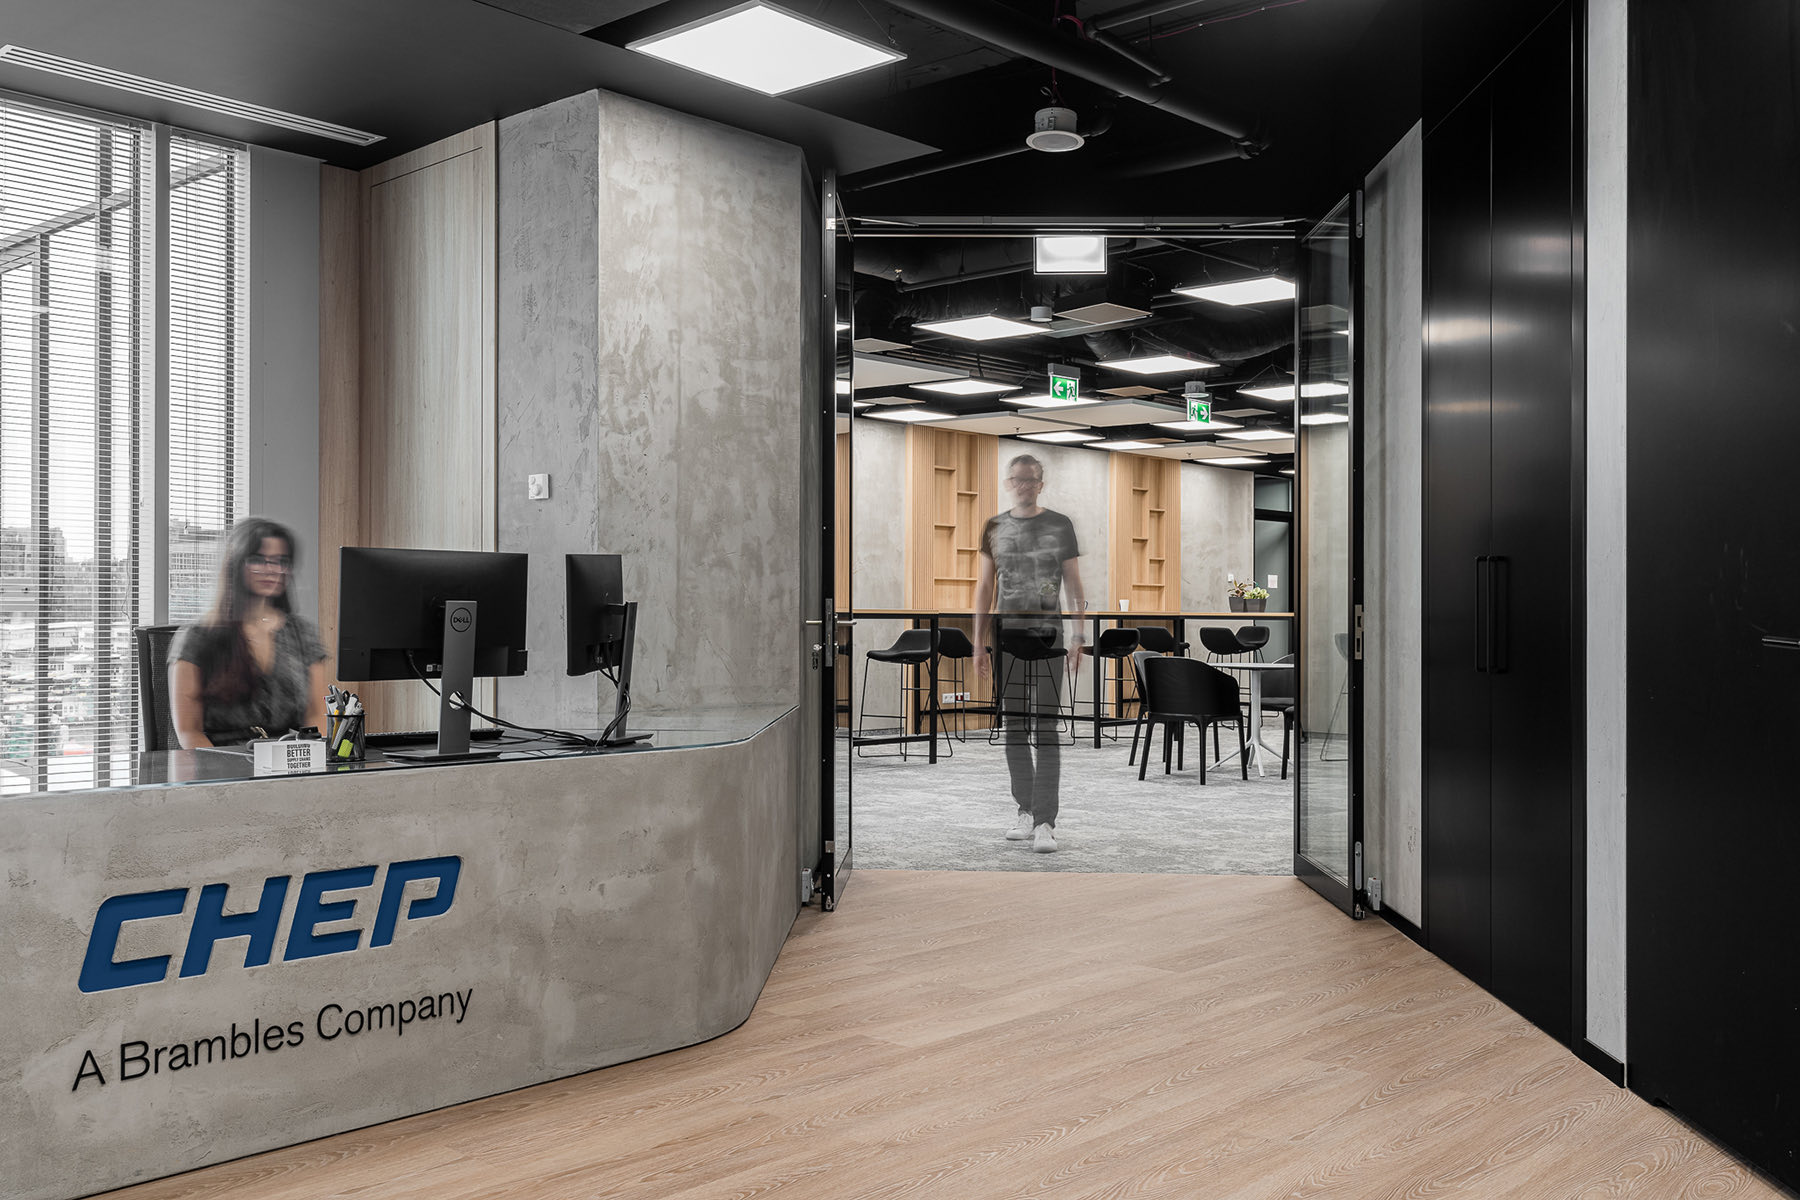 chep-polska-office-4